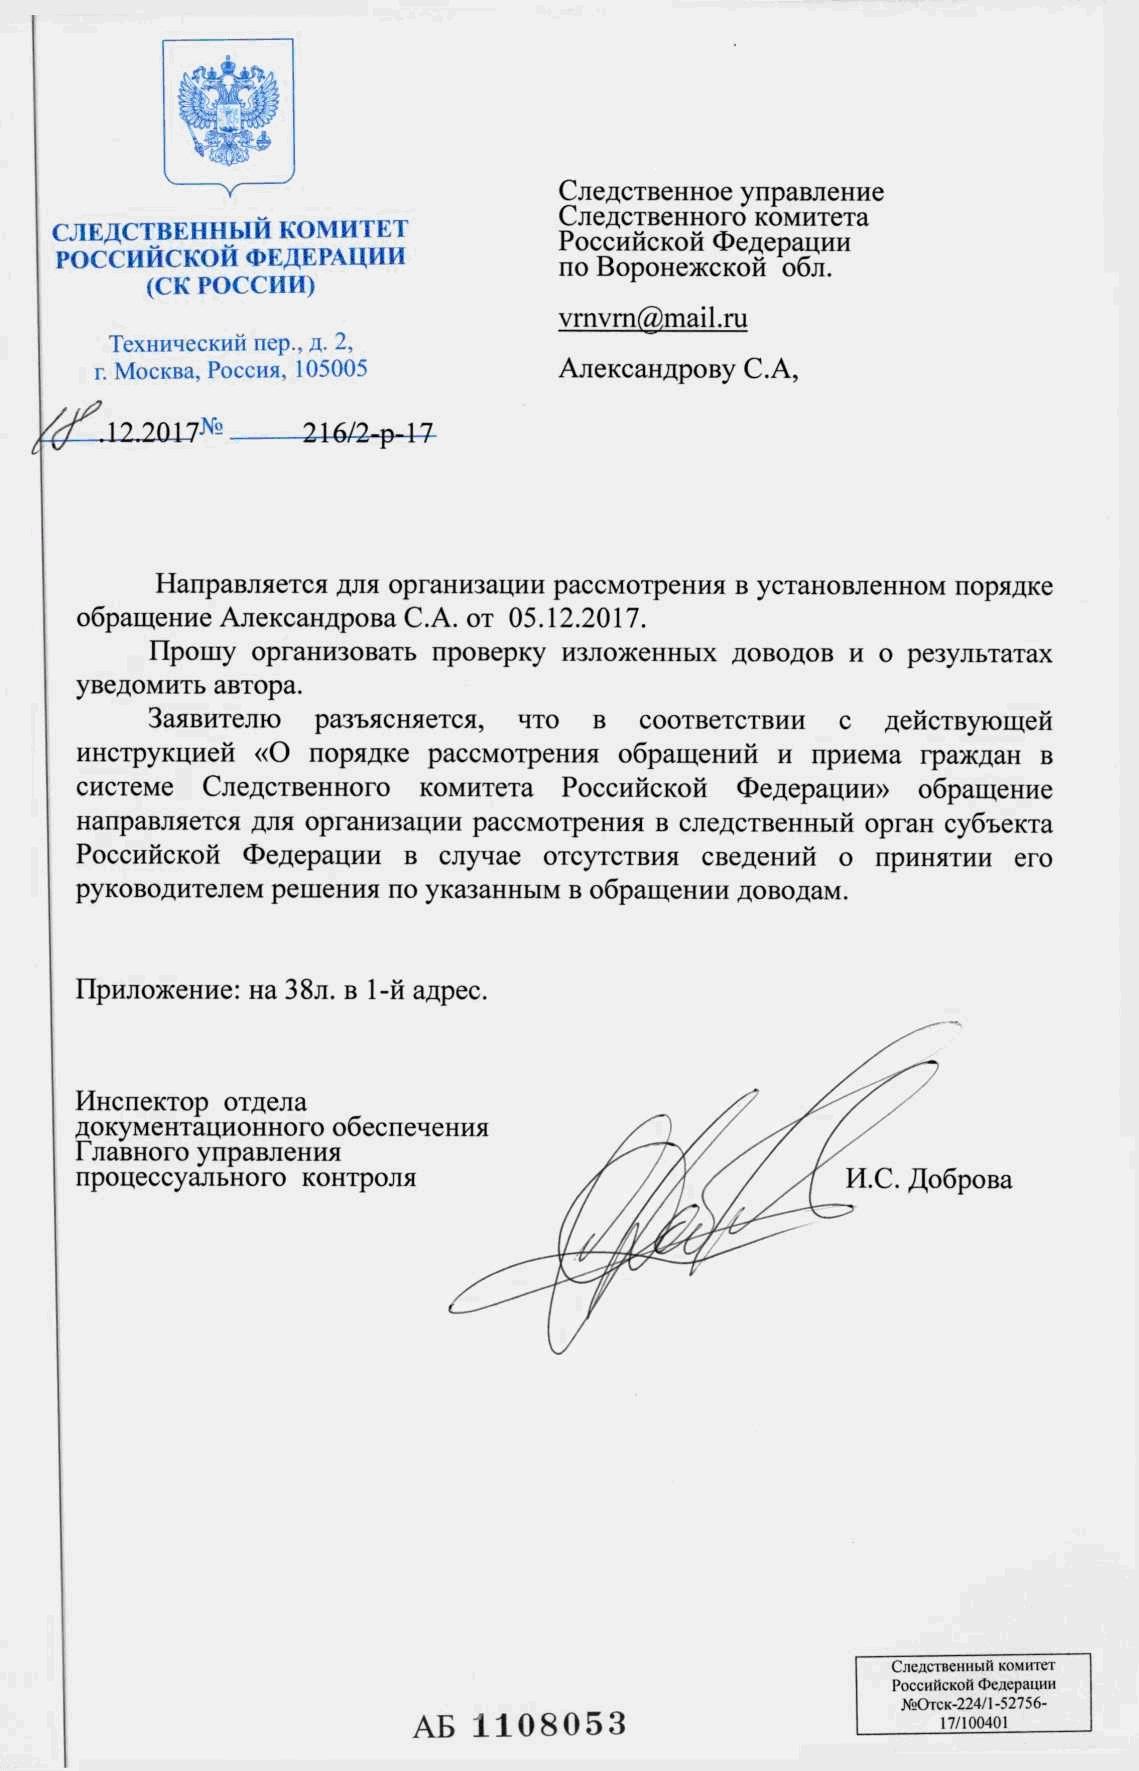 Купить больничный лист на месяц в Александрове